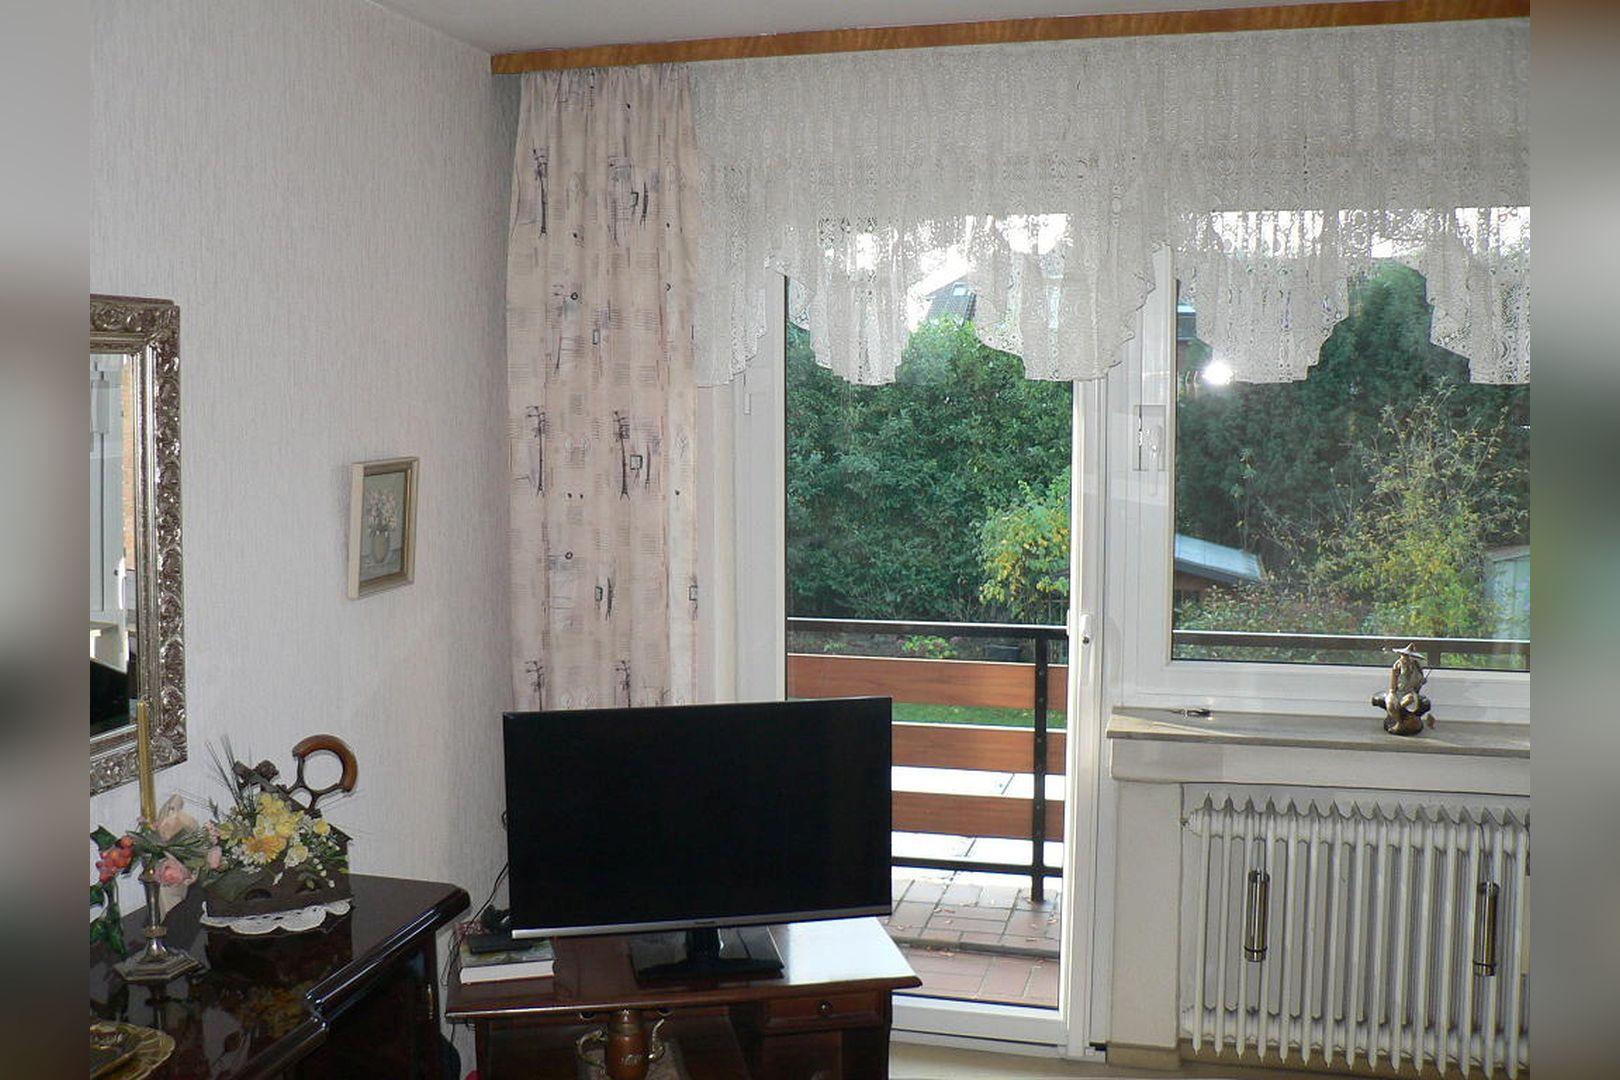 Immobilie Nr.0243 - Reihenendhaus 2-geschossig mit Vollkeller und Garage  - Bild 11.jpg